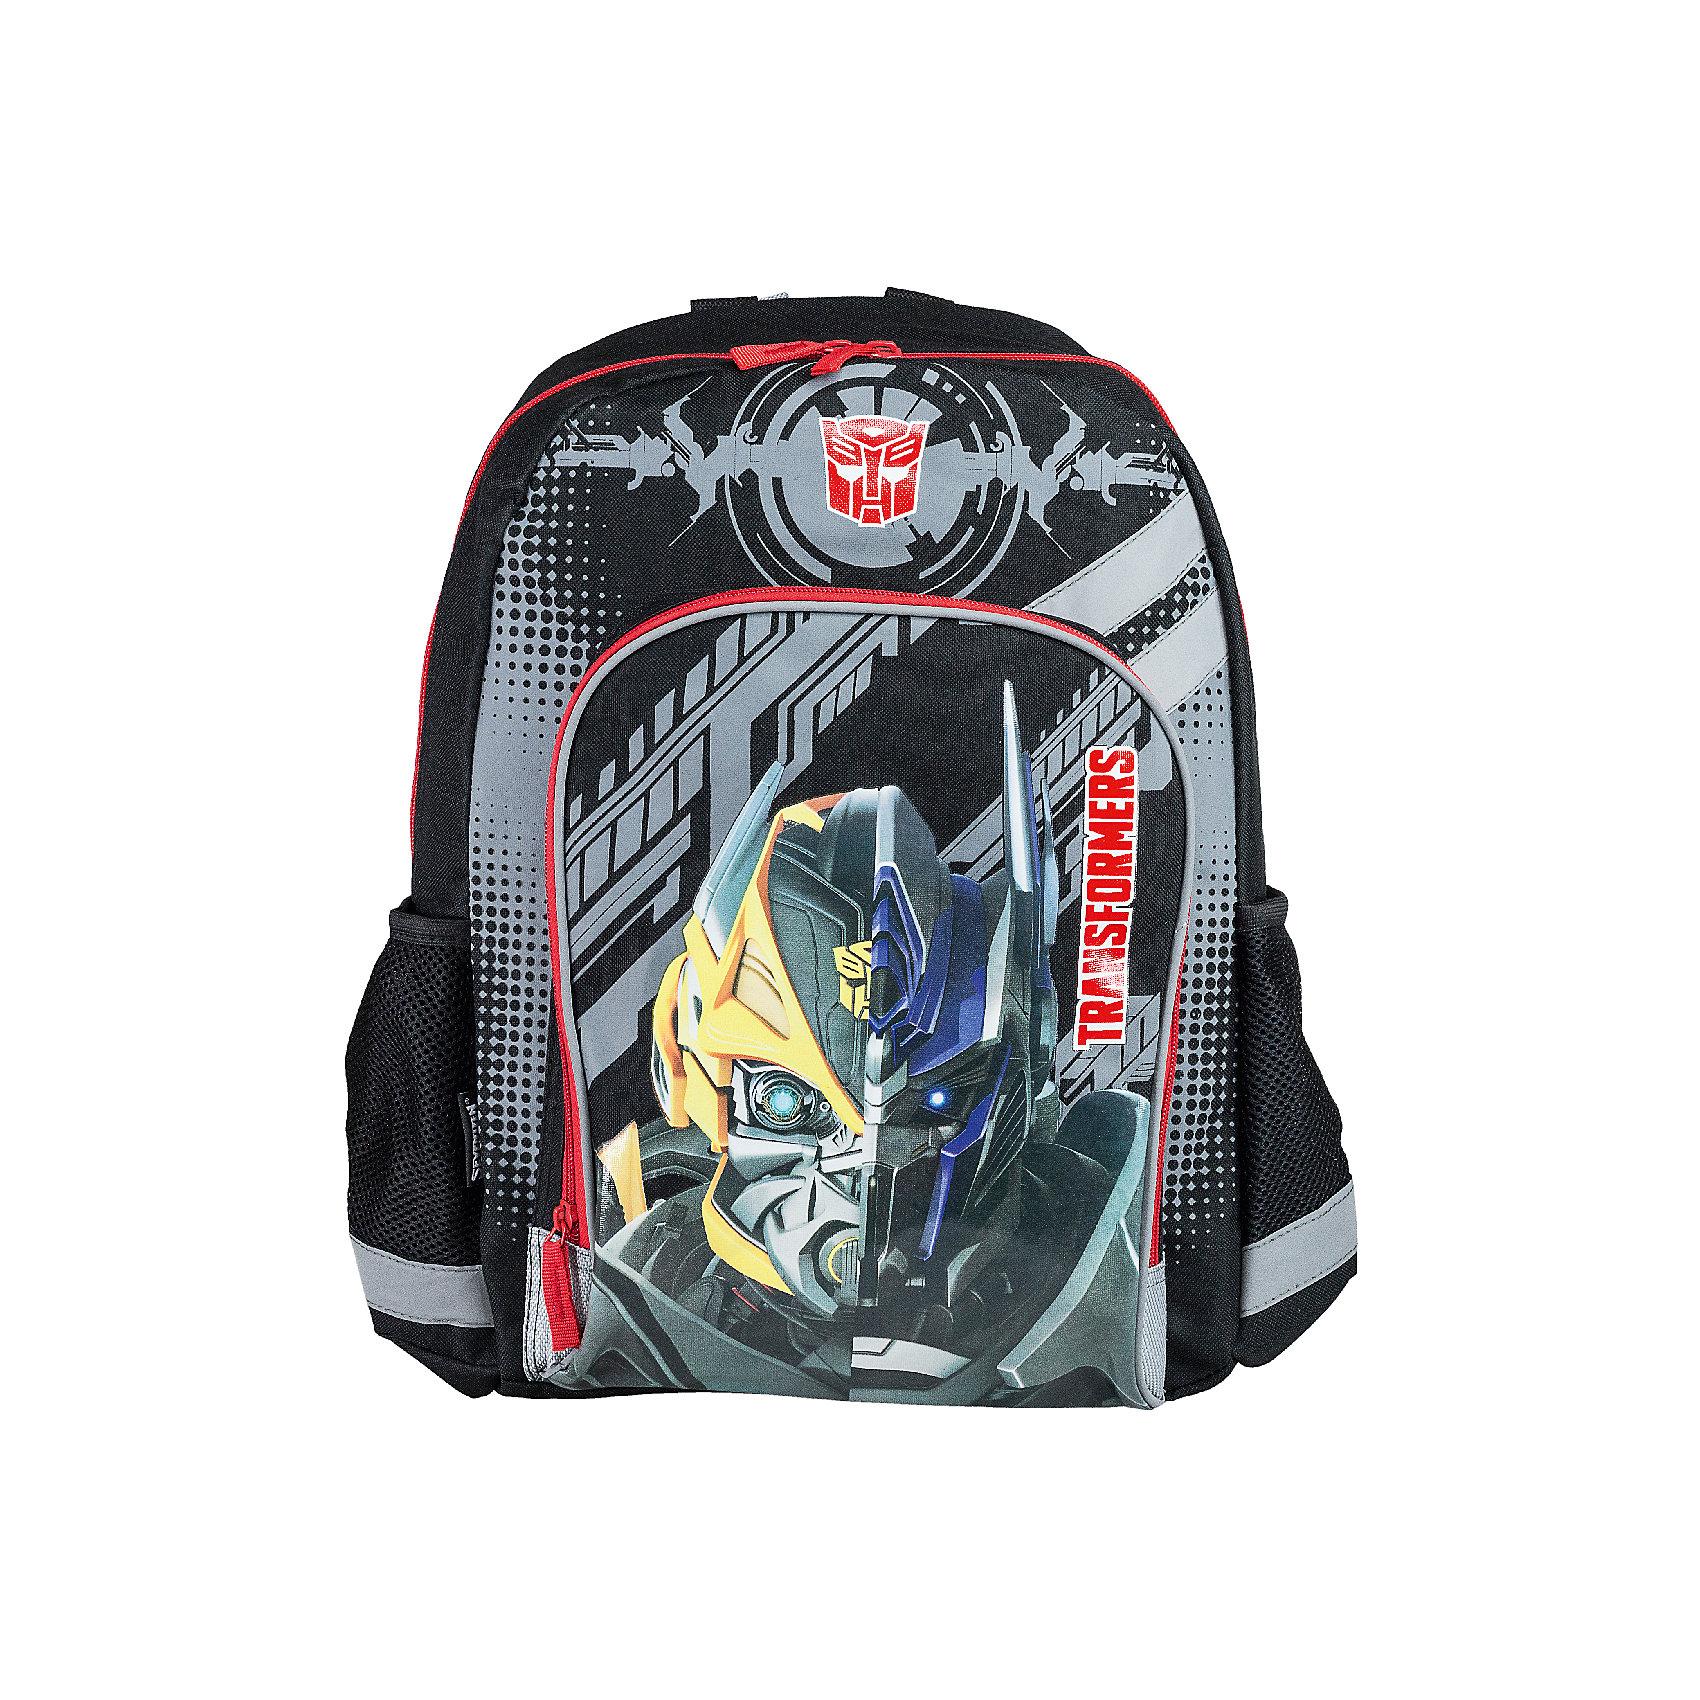 Рюкзак школьный Kinderline TransformersРюкзаки<br>Рюкзак, с одним отделением на молнии, фронтальным карманом на молнии и двумя боковыми карманами; внутри отделения - один разделитель и откидное внутреннее дно; мягкая спинка выполнена из поролона обтянутого воздухообменной сеткой; лямки анатомической S-образной формы обтянуты воздухообменной сеткой, регулируются по длине; для безопасности рюкзак снабжен светоотражающими элементами. Размер 40 х 30 х 13 см.<br><br>Ширина мм: 130<br>Глубина мм: 300<br>Высота мм: 400<br>Вес г: 497<br>Возраст от месяцев: 72<br>Возраст до месяцев: 108<br>Пол: Мужской<br>Возраст: Детский<br>SKU: 6891457